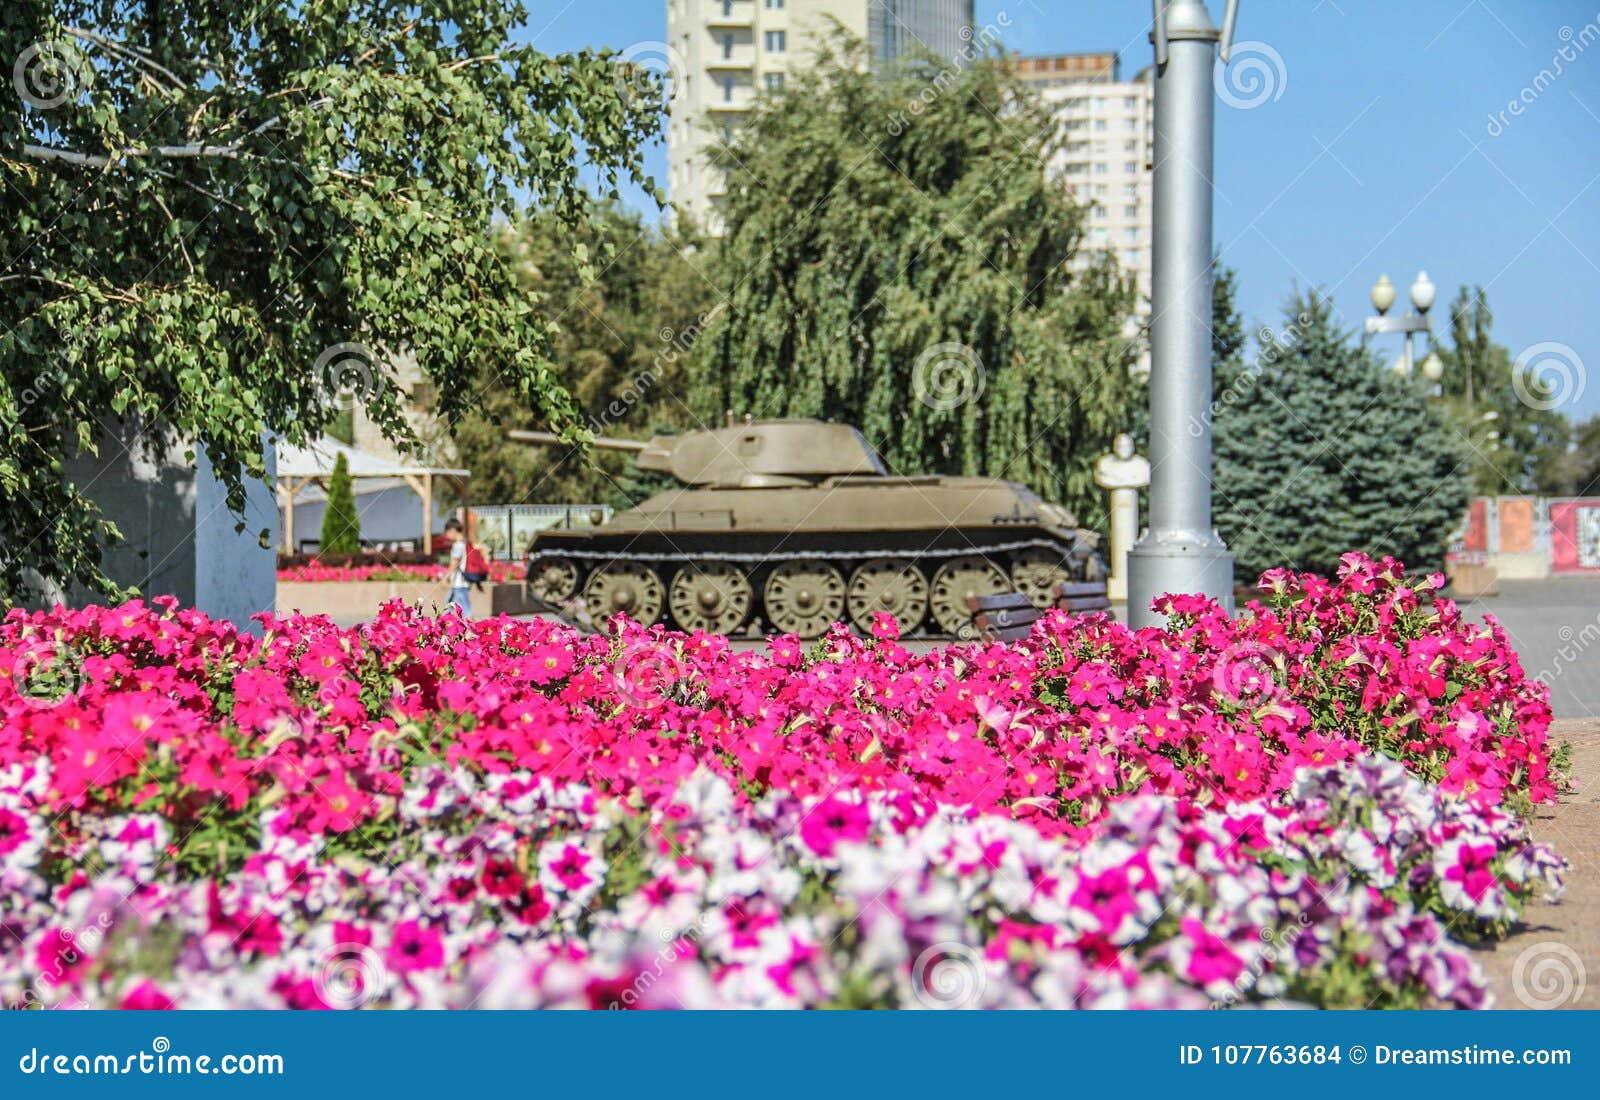 Танк и цветки